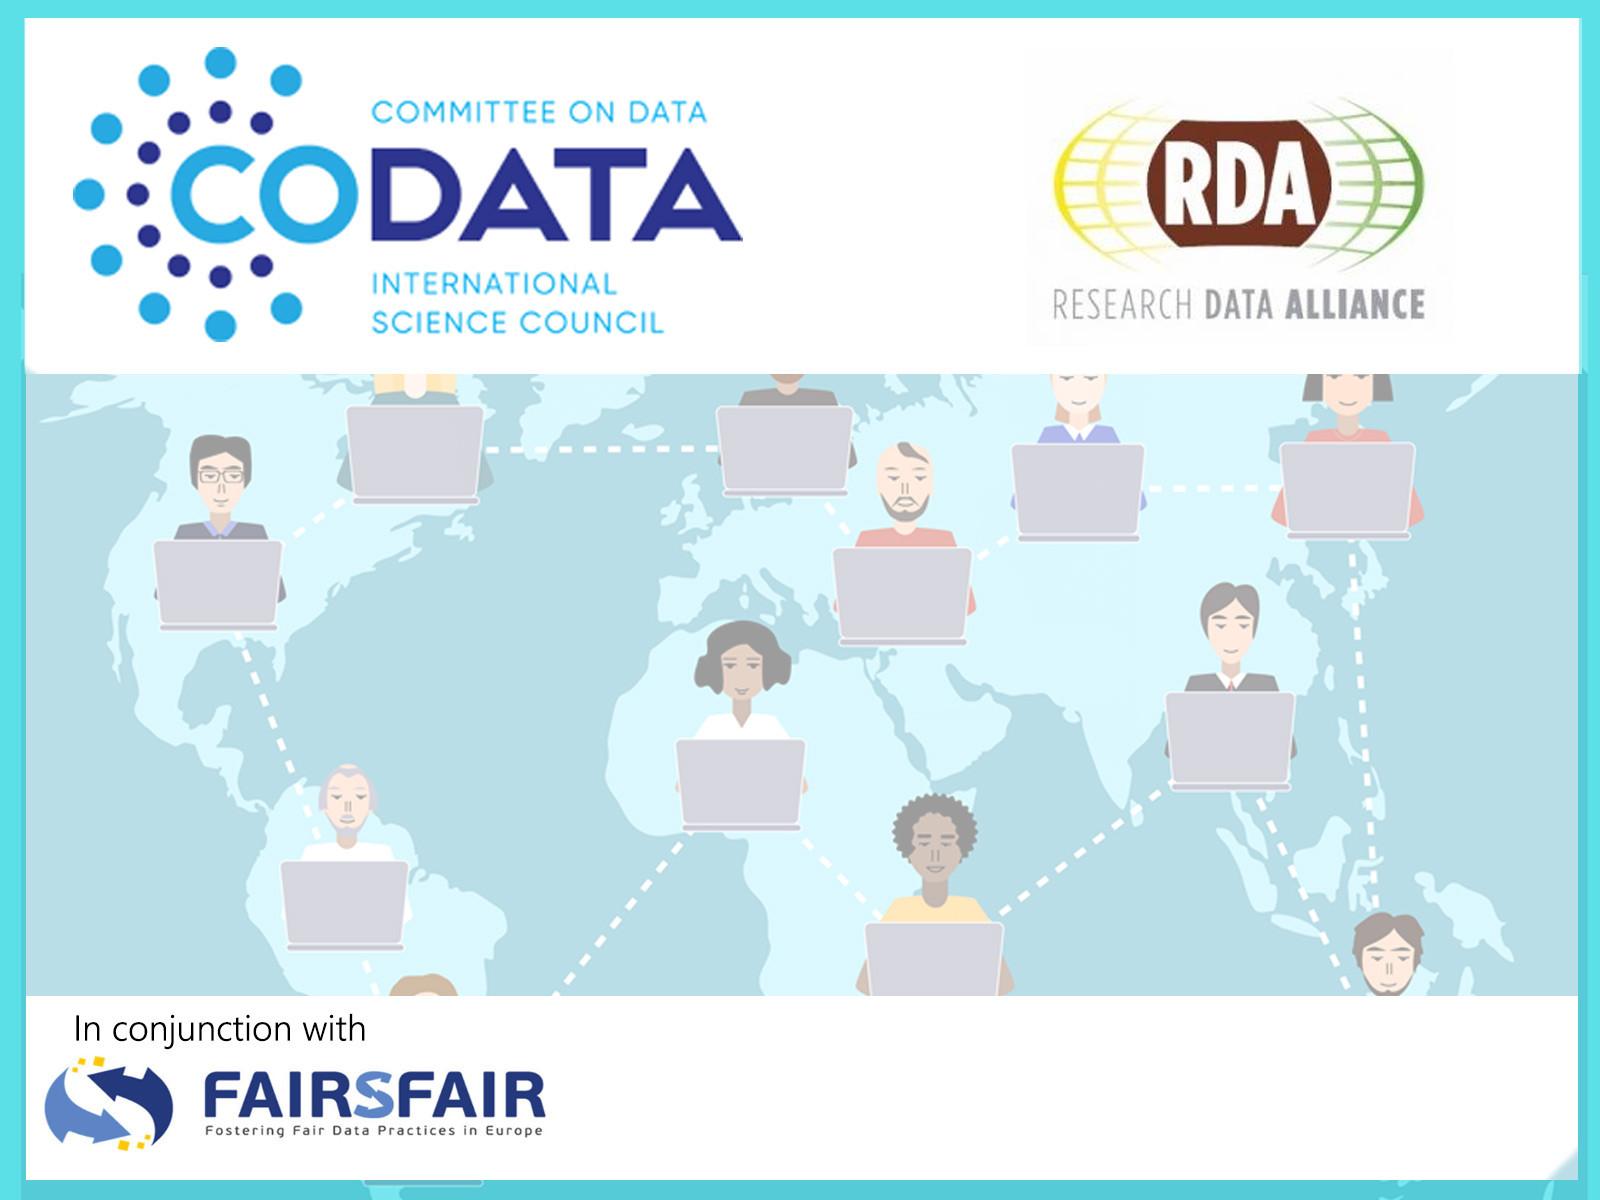 FAIRsFAIR-CODATA-RDA Data Steward Training Series